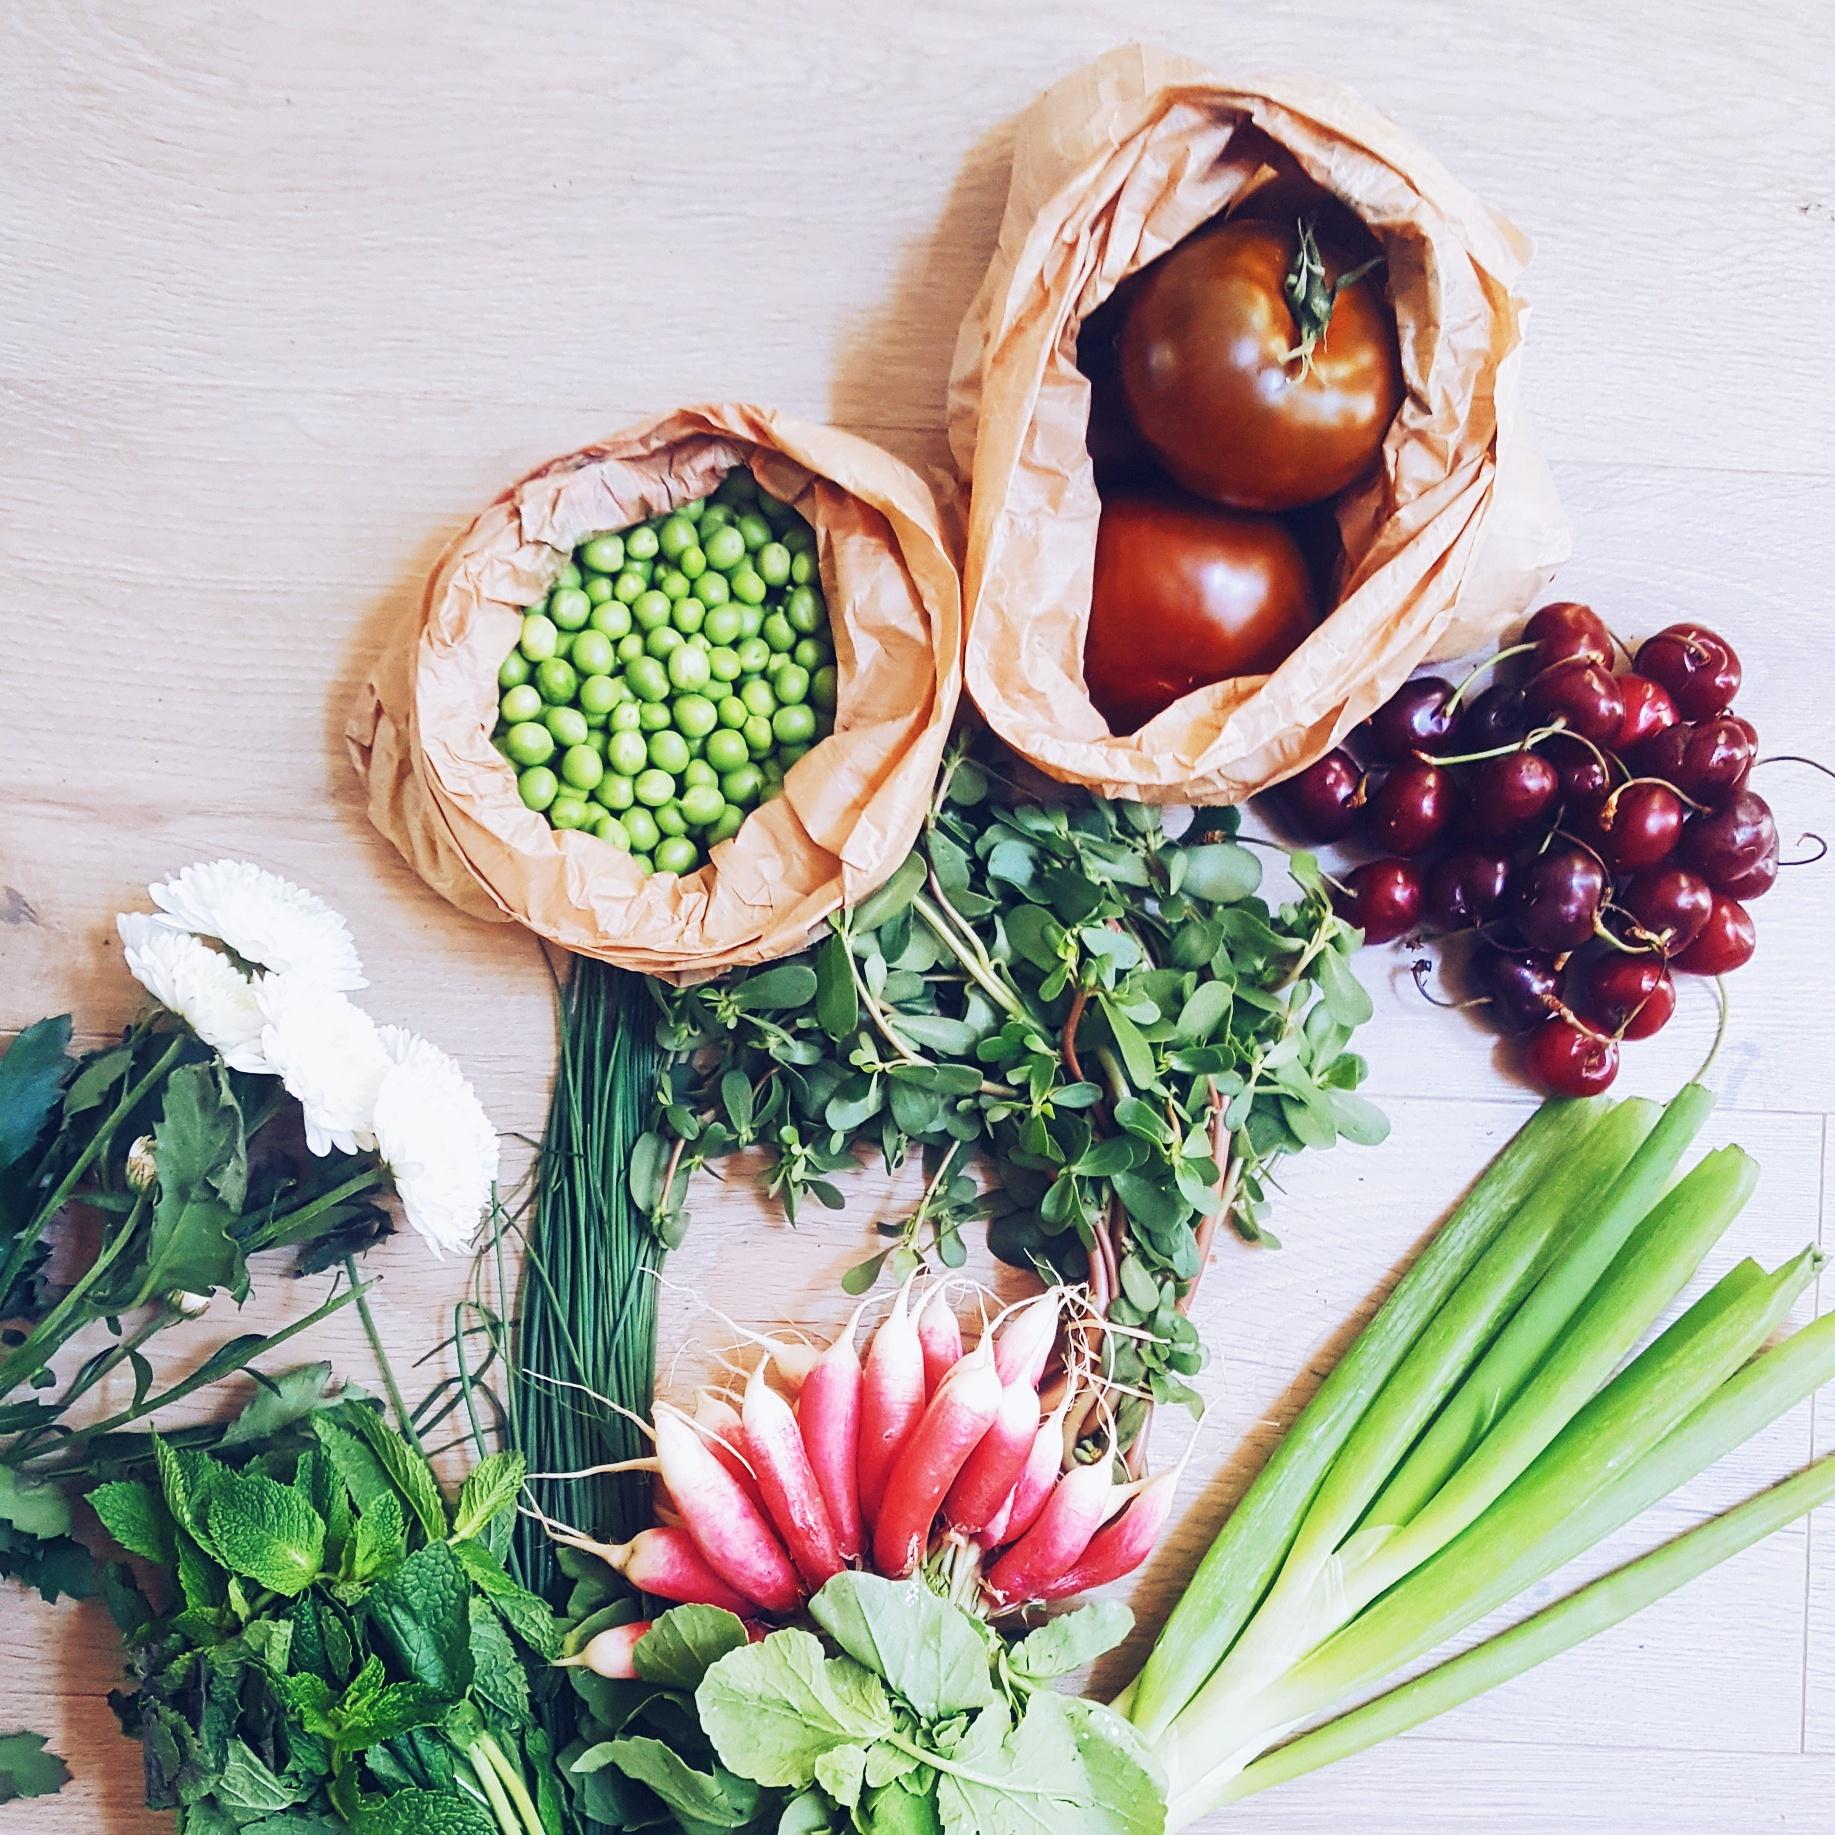 marche-forville-legumes